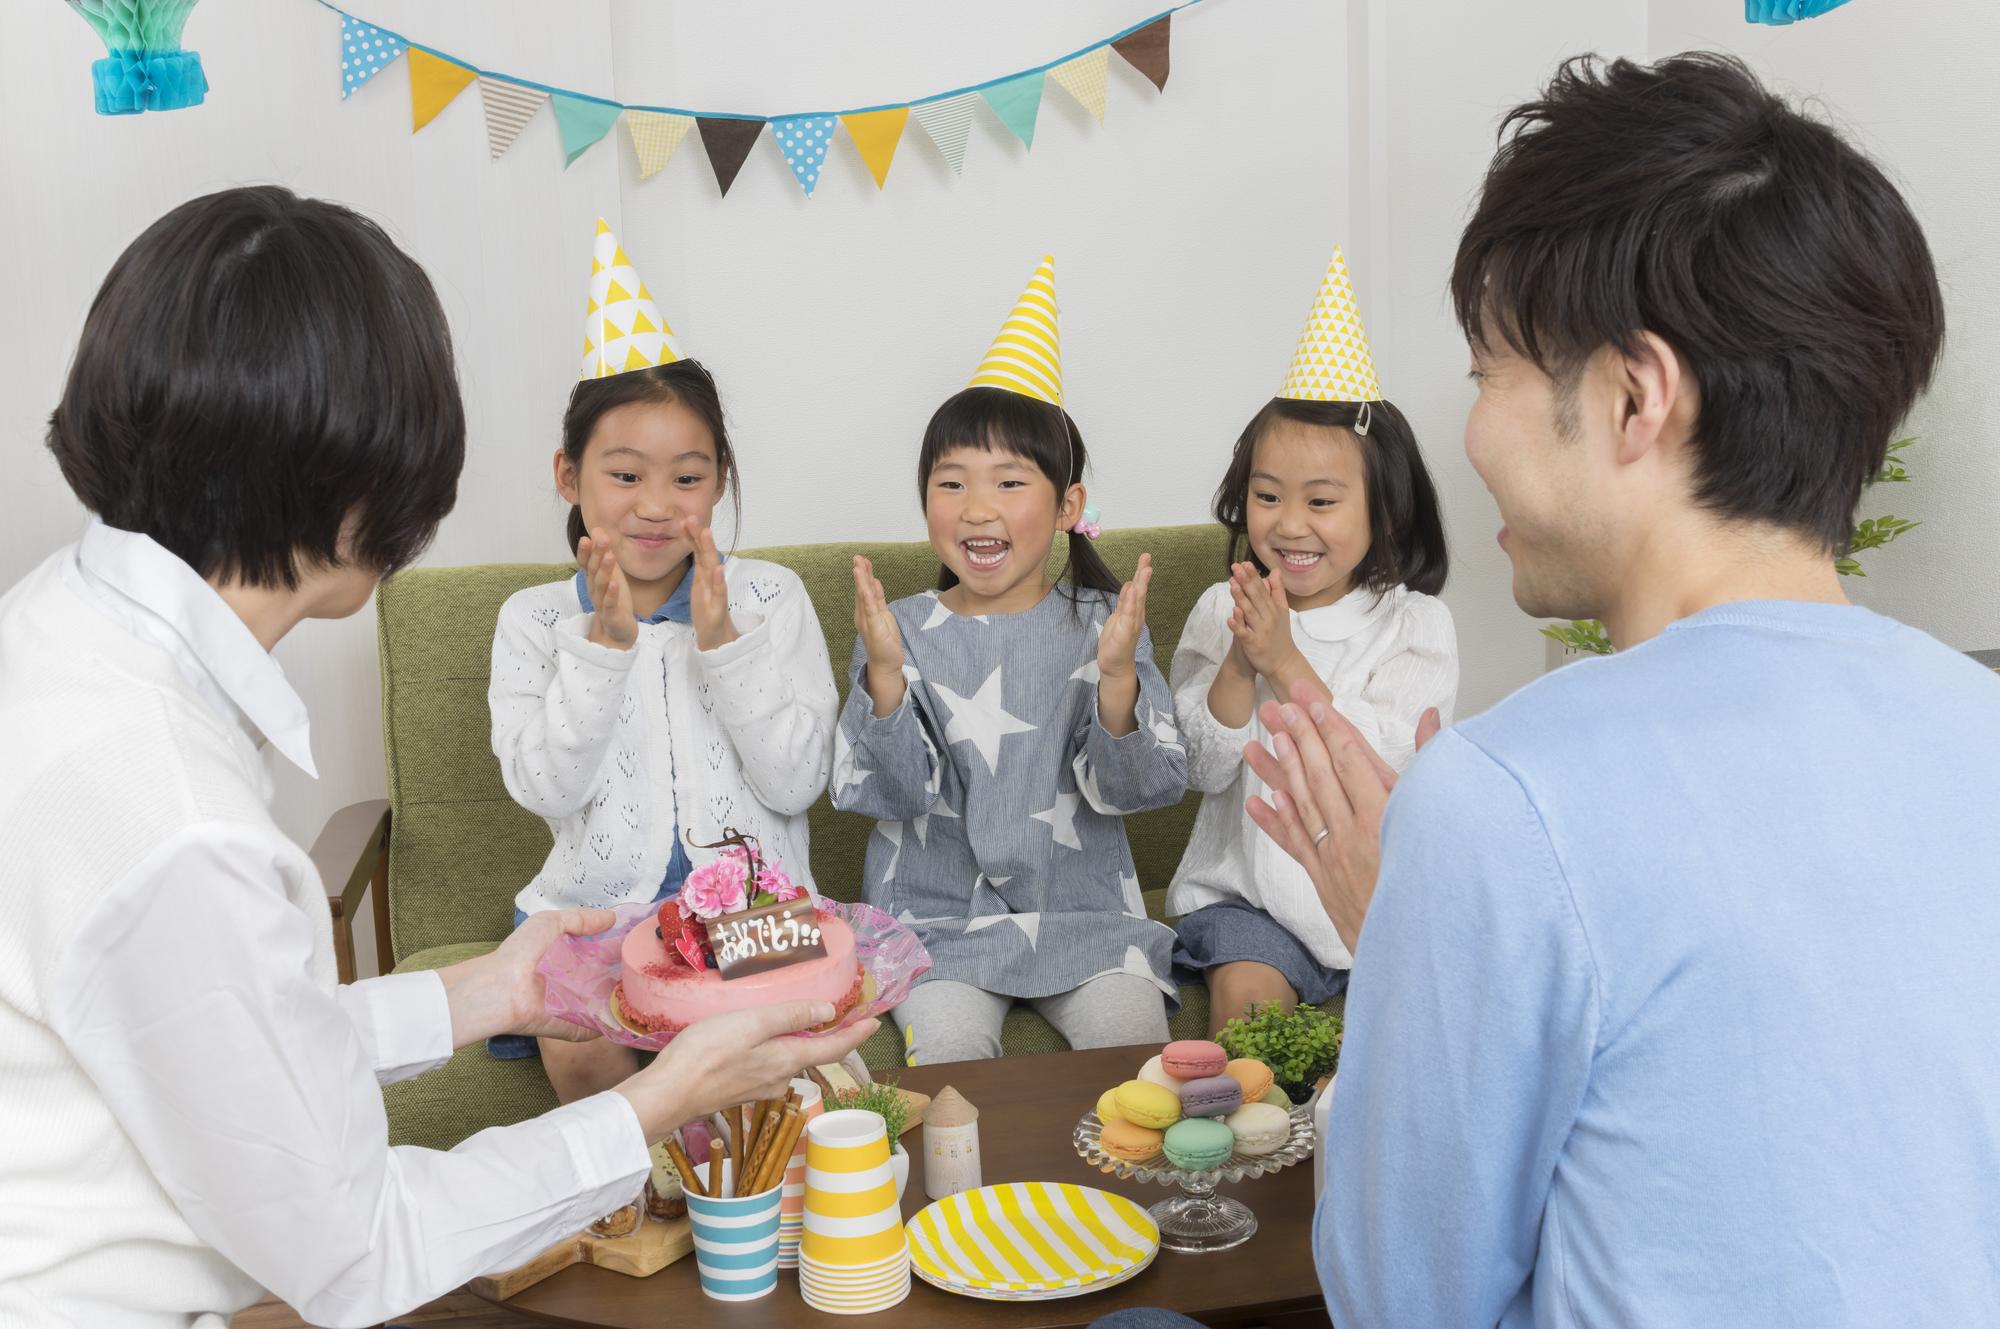 人生を振り返る機会に!マイホームの誕生日祝いをしていますか?